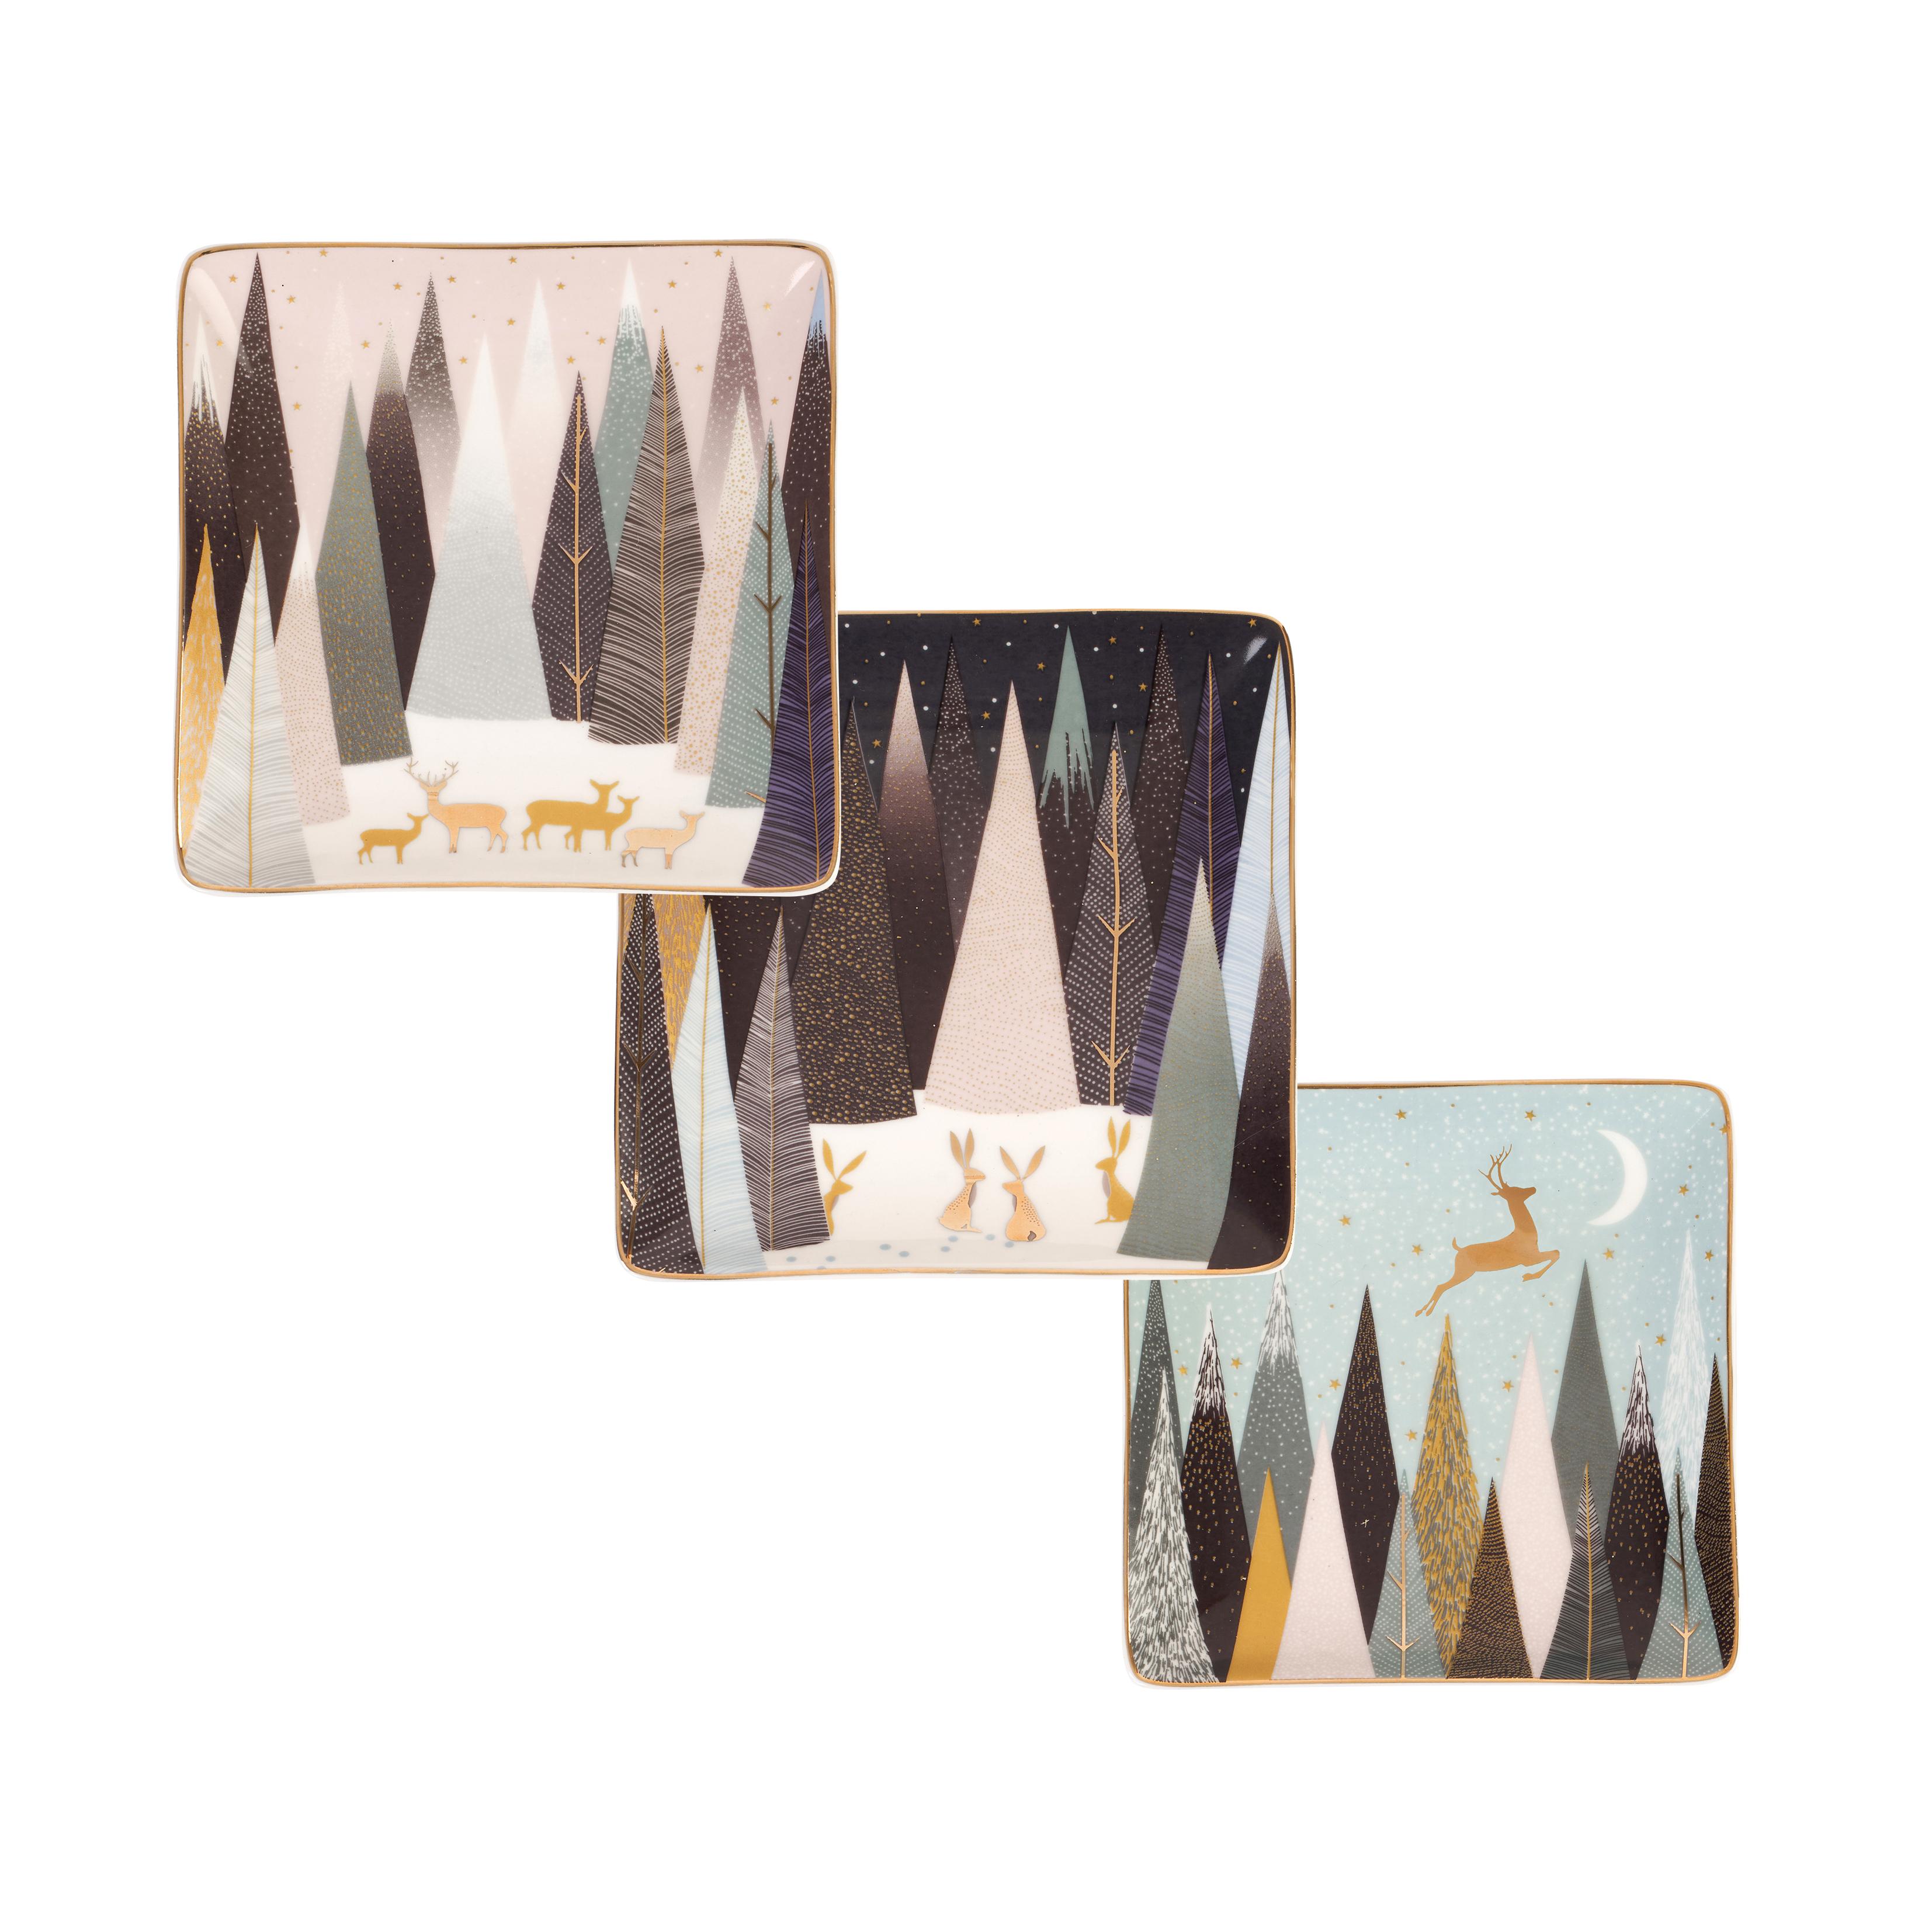 포트메리온 '사라 밀러 런던 프로스티드 파인즈' 사각 트레이 3개 세트 Sara Miller London for Portmeirion Frosted Pines Set of 3 Square Trays 4.5 Inch